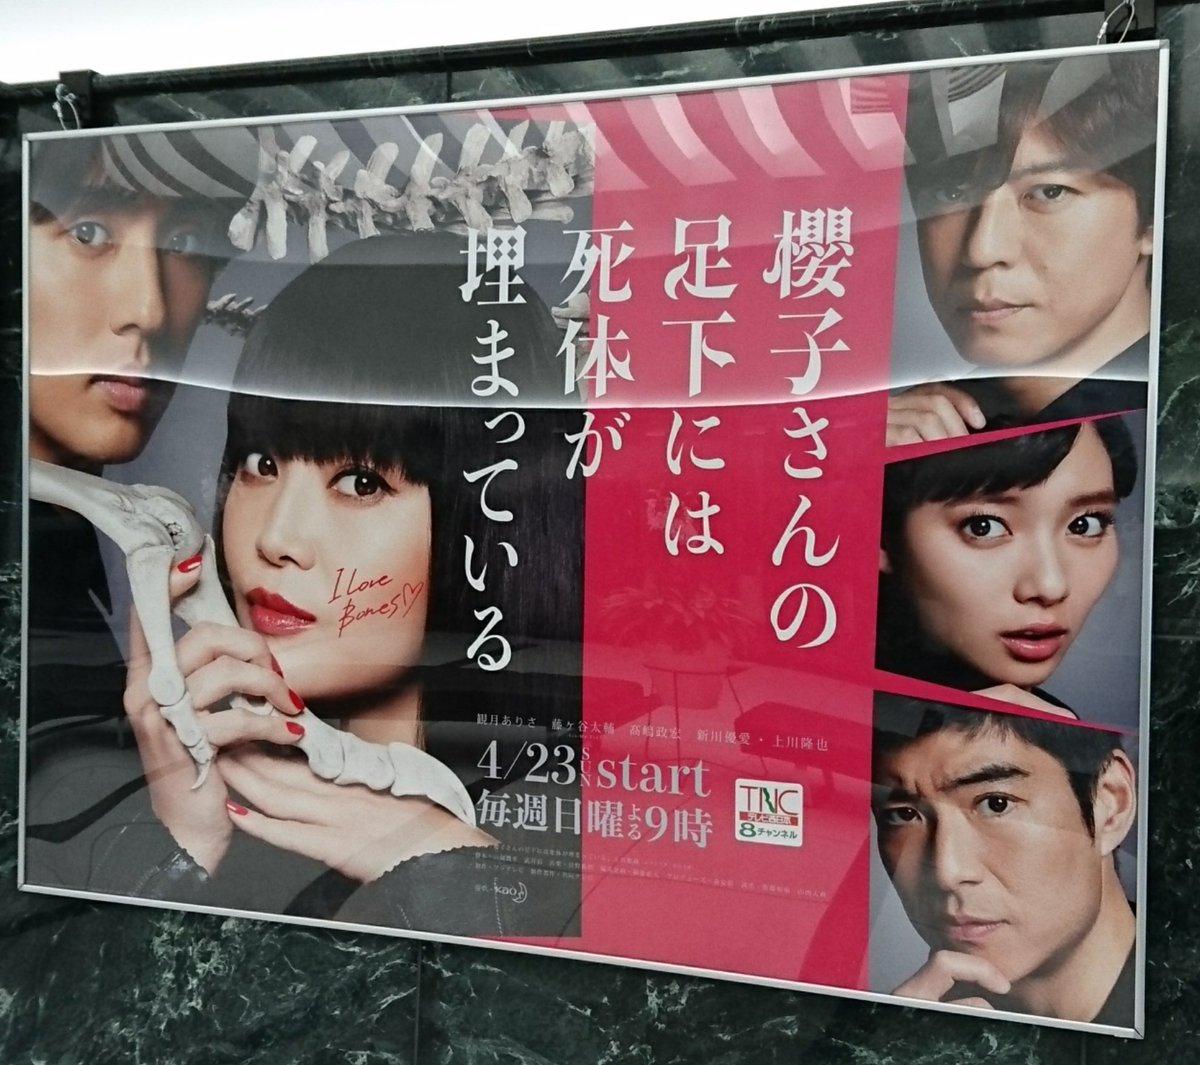 TNC福岡放送会館 正面玄関口『櫻子さんの足下には死体が埋まってる』ポスター照明反射してどうしても上手く撮れませんでした